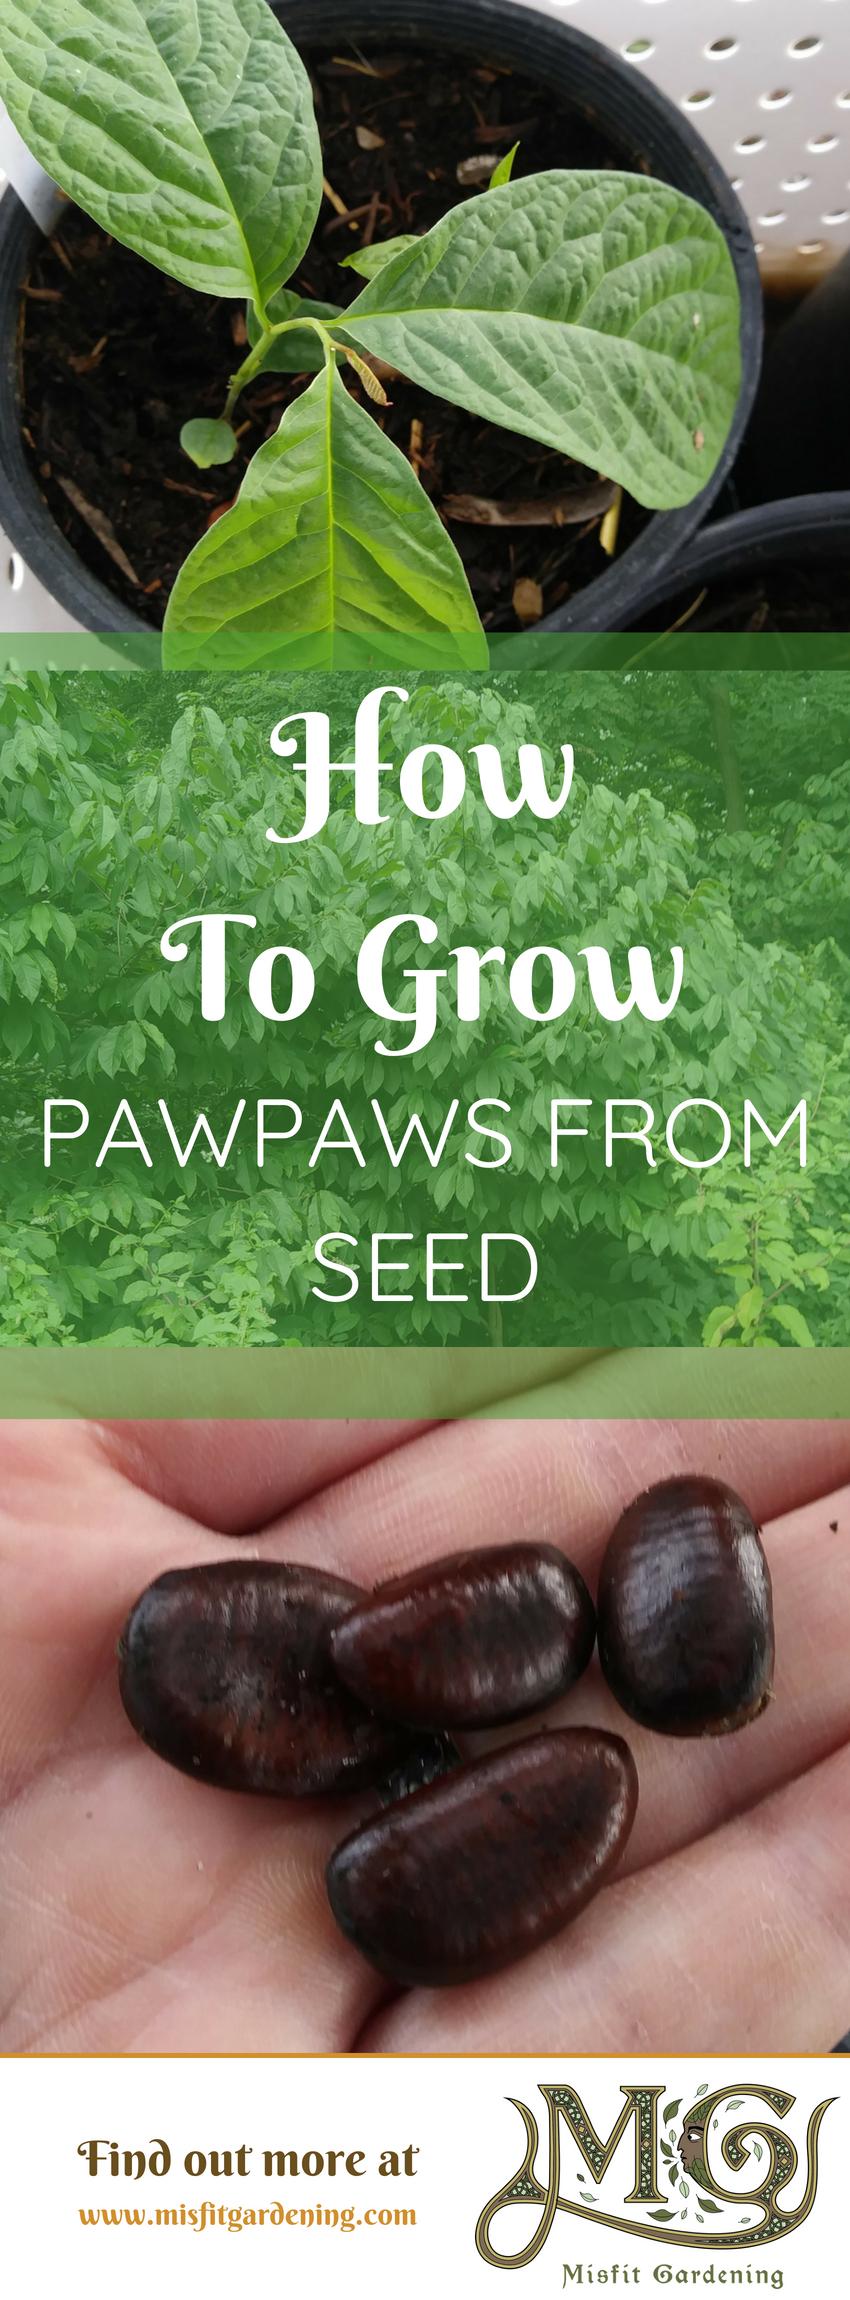 Pawpaws sind eine großartige Frucht, um in einem Hinterhofnahrungswald zu wachsen. Klicken Sie hier, um zu lernen, wie man Pfoten aus Samen oder Stift für später wachsen lässt